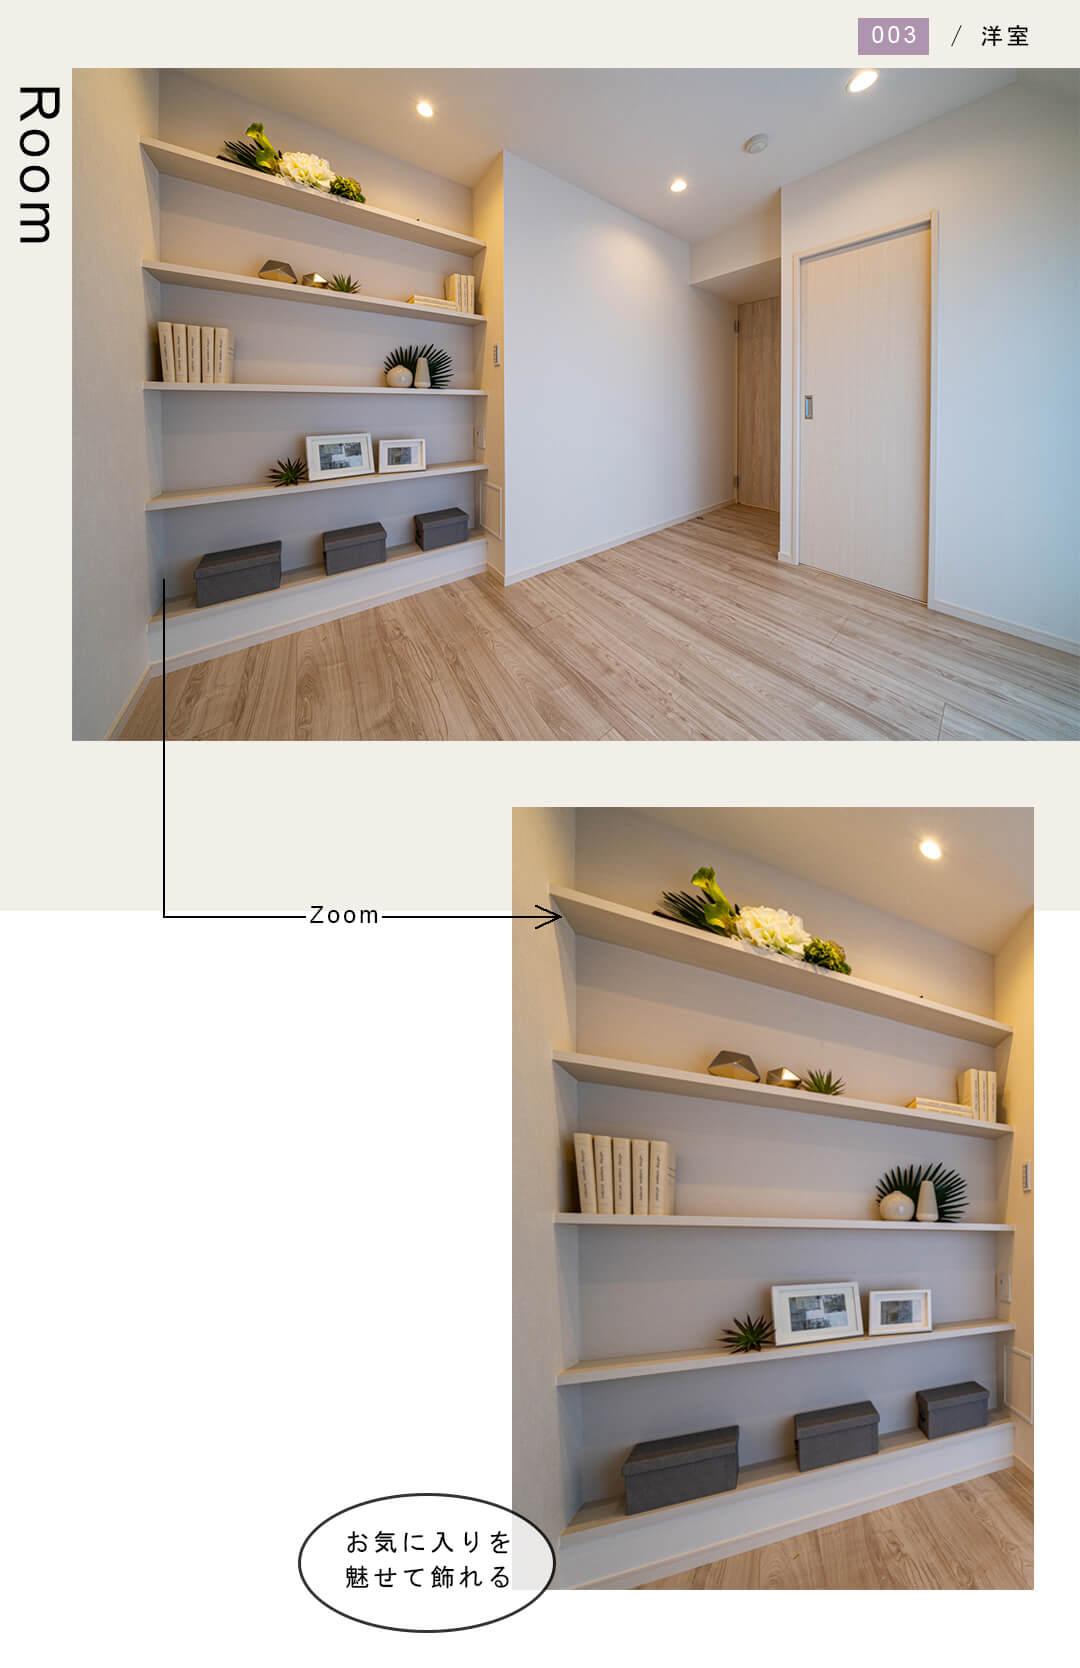 パラスト蒲田 1303の洋室